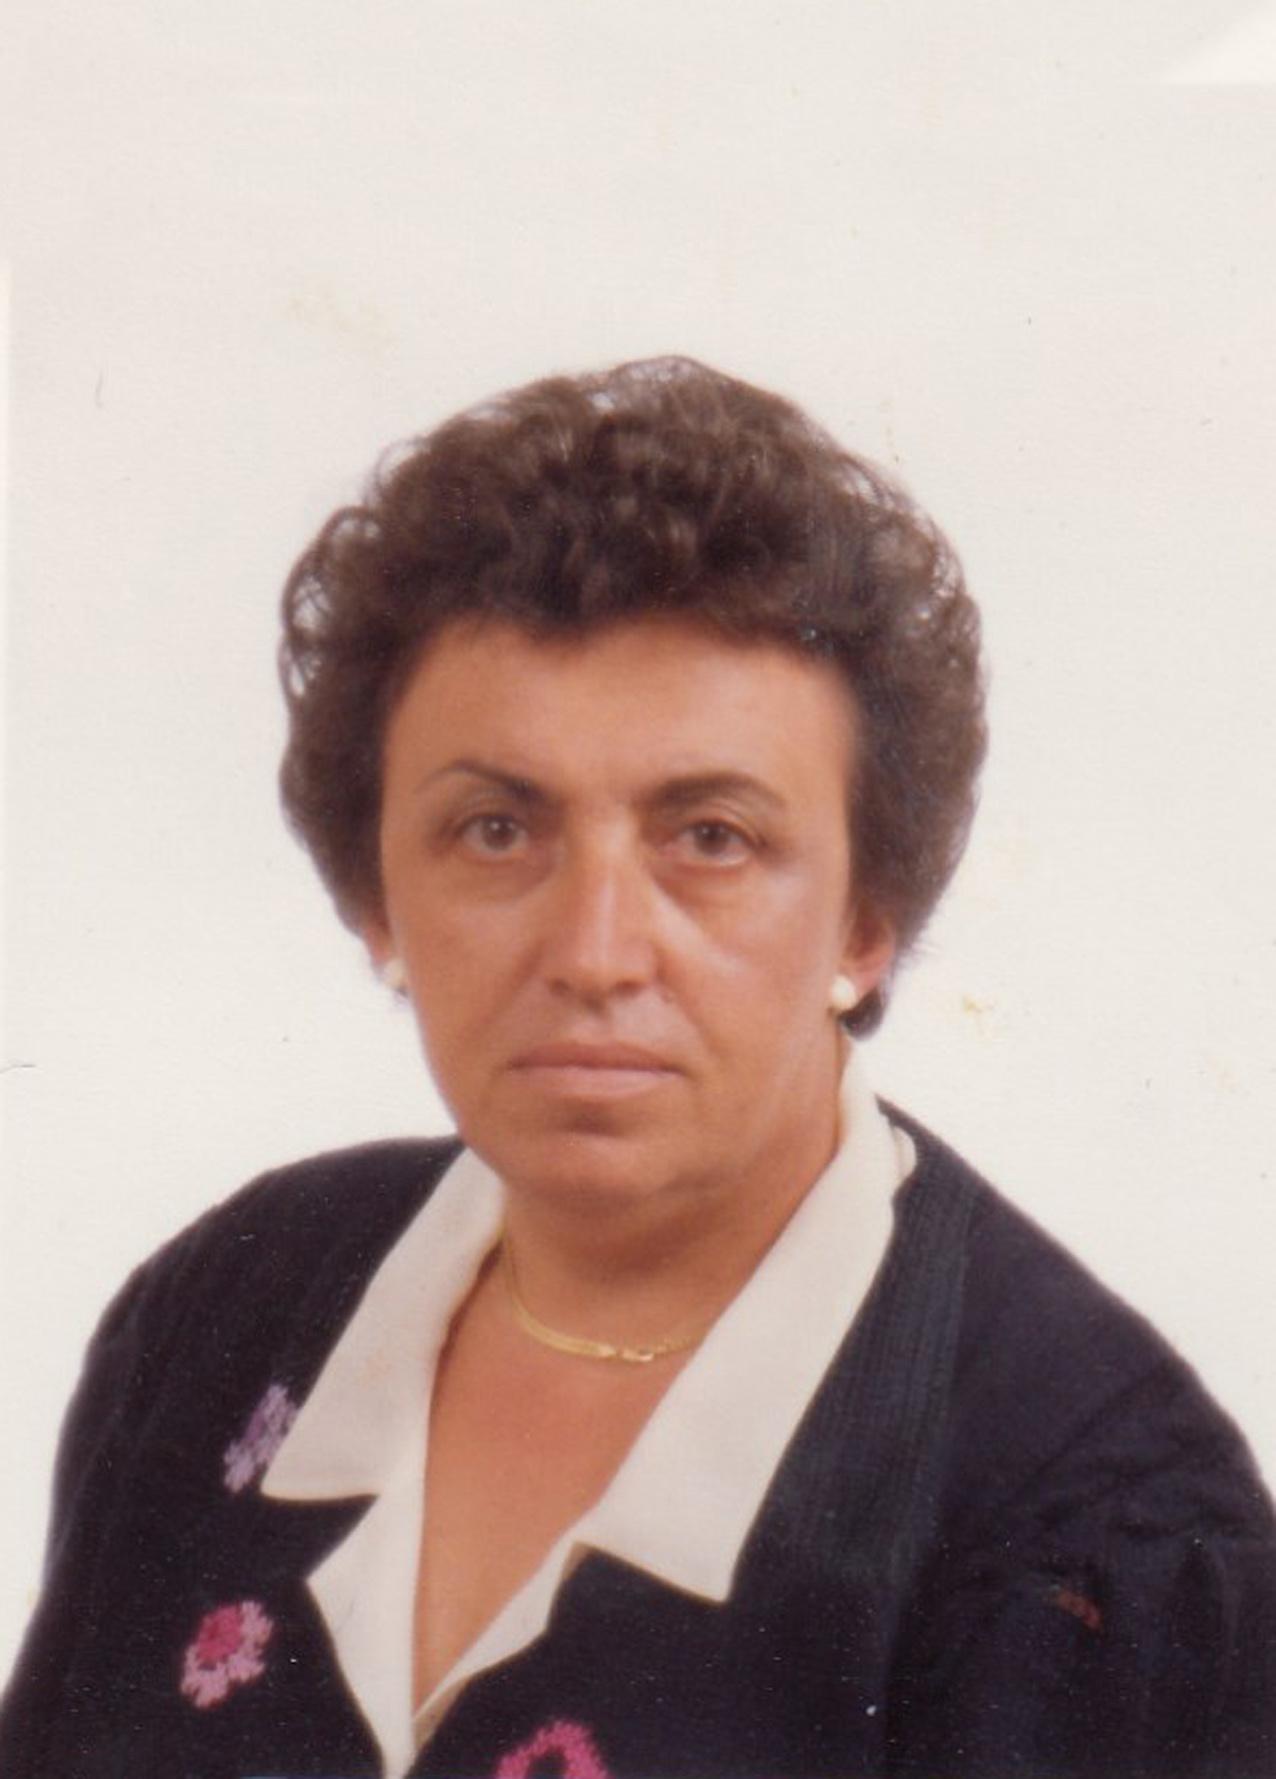 Necrologi Ciriè - ANNA VANETTI